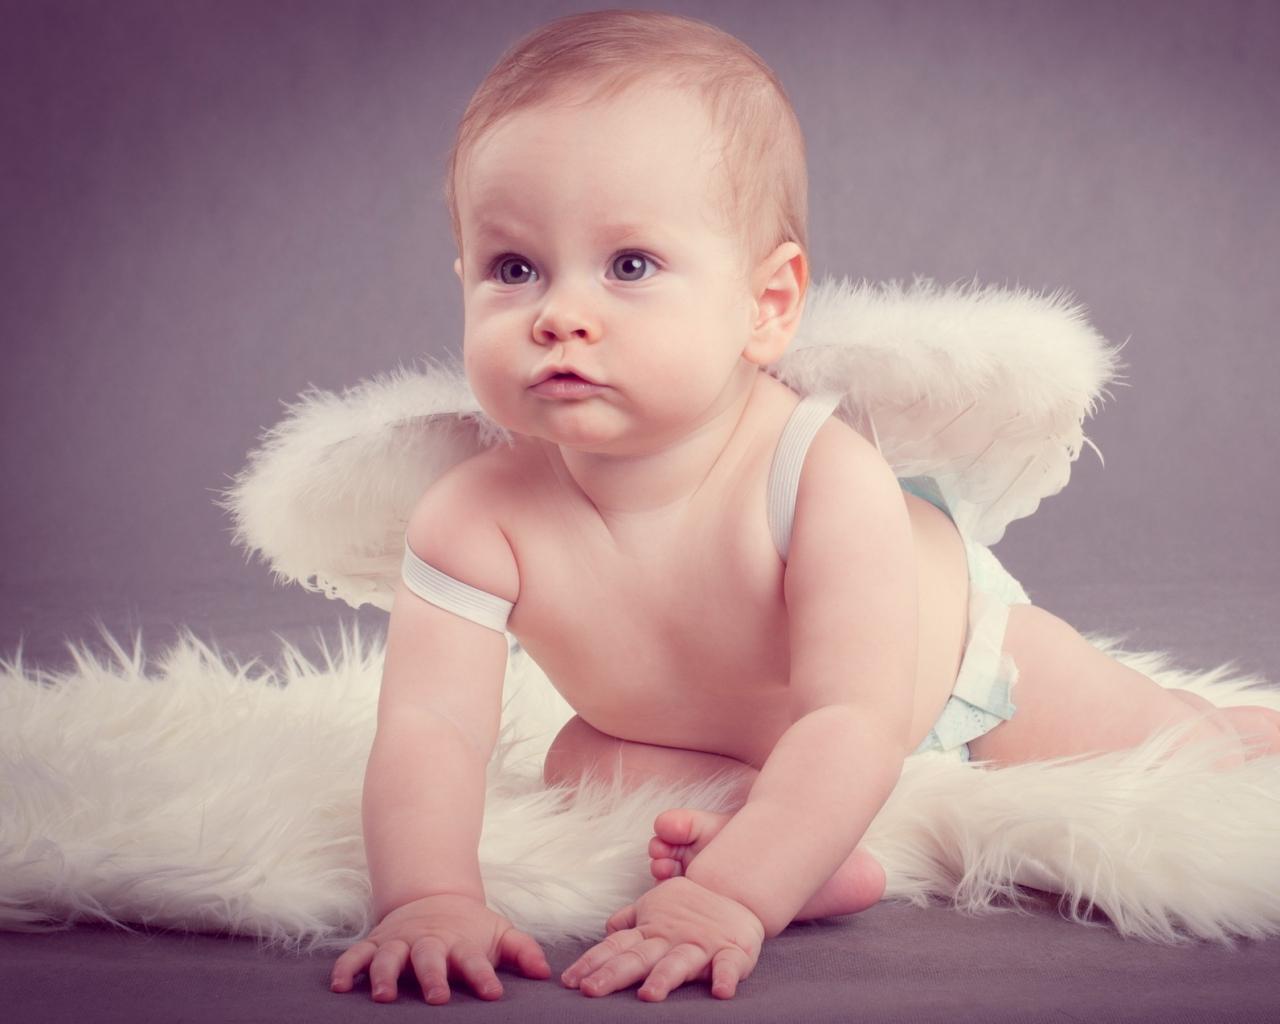 赤ちゃんの肌荒れ大丈夫?できる予防と対処の仕方